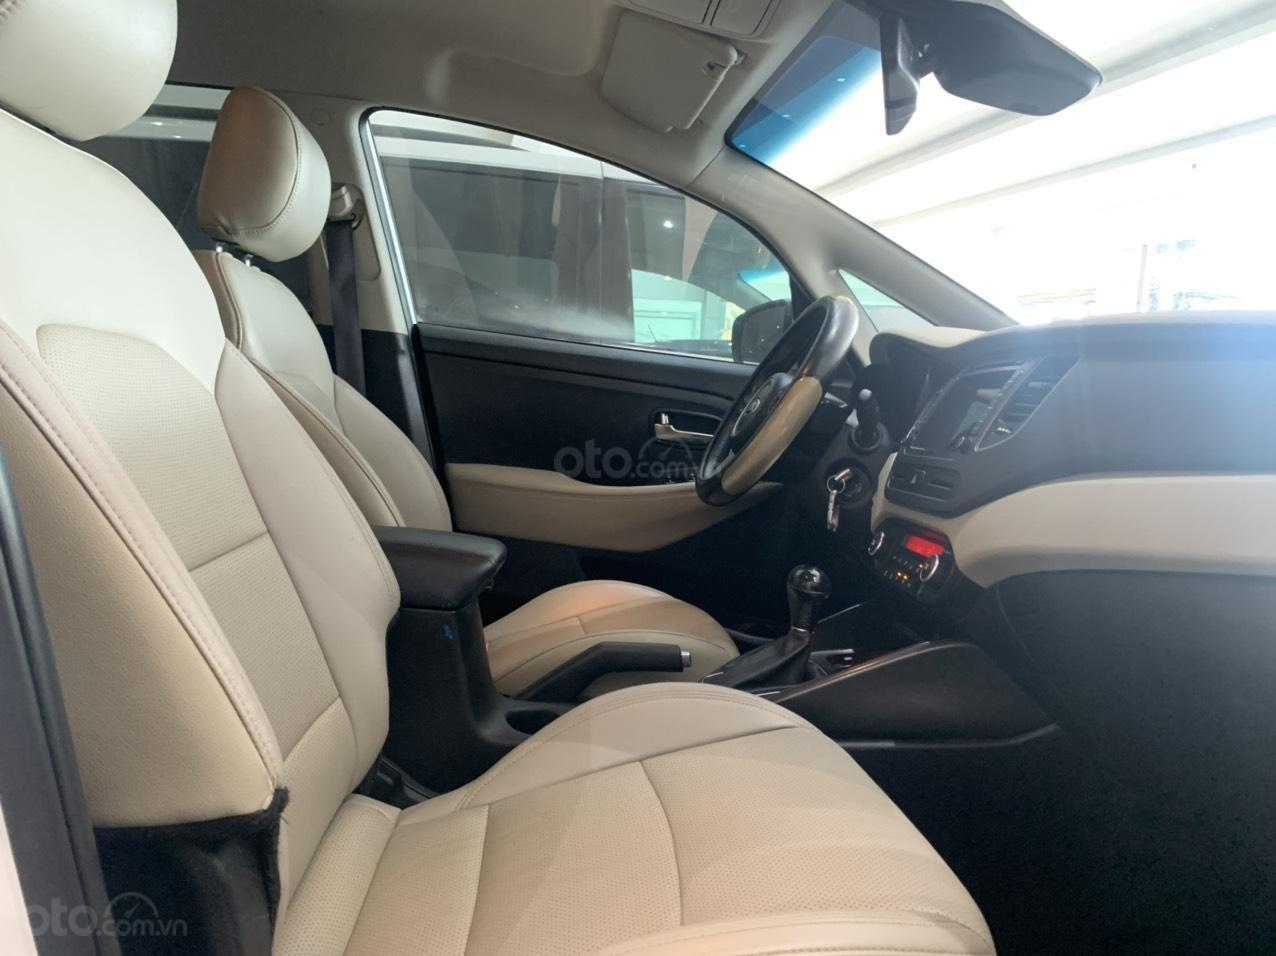 Bán xe Kia Rondo màu trắng xe đẹp, giá cả hợp lý (10)